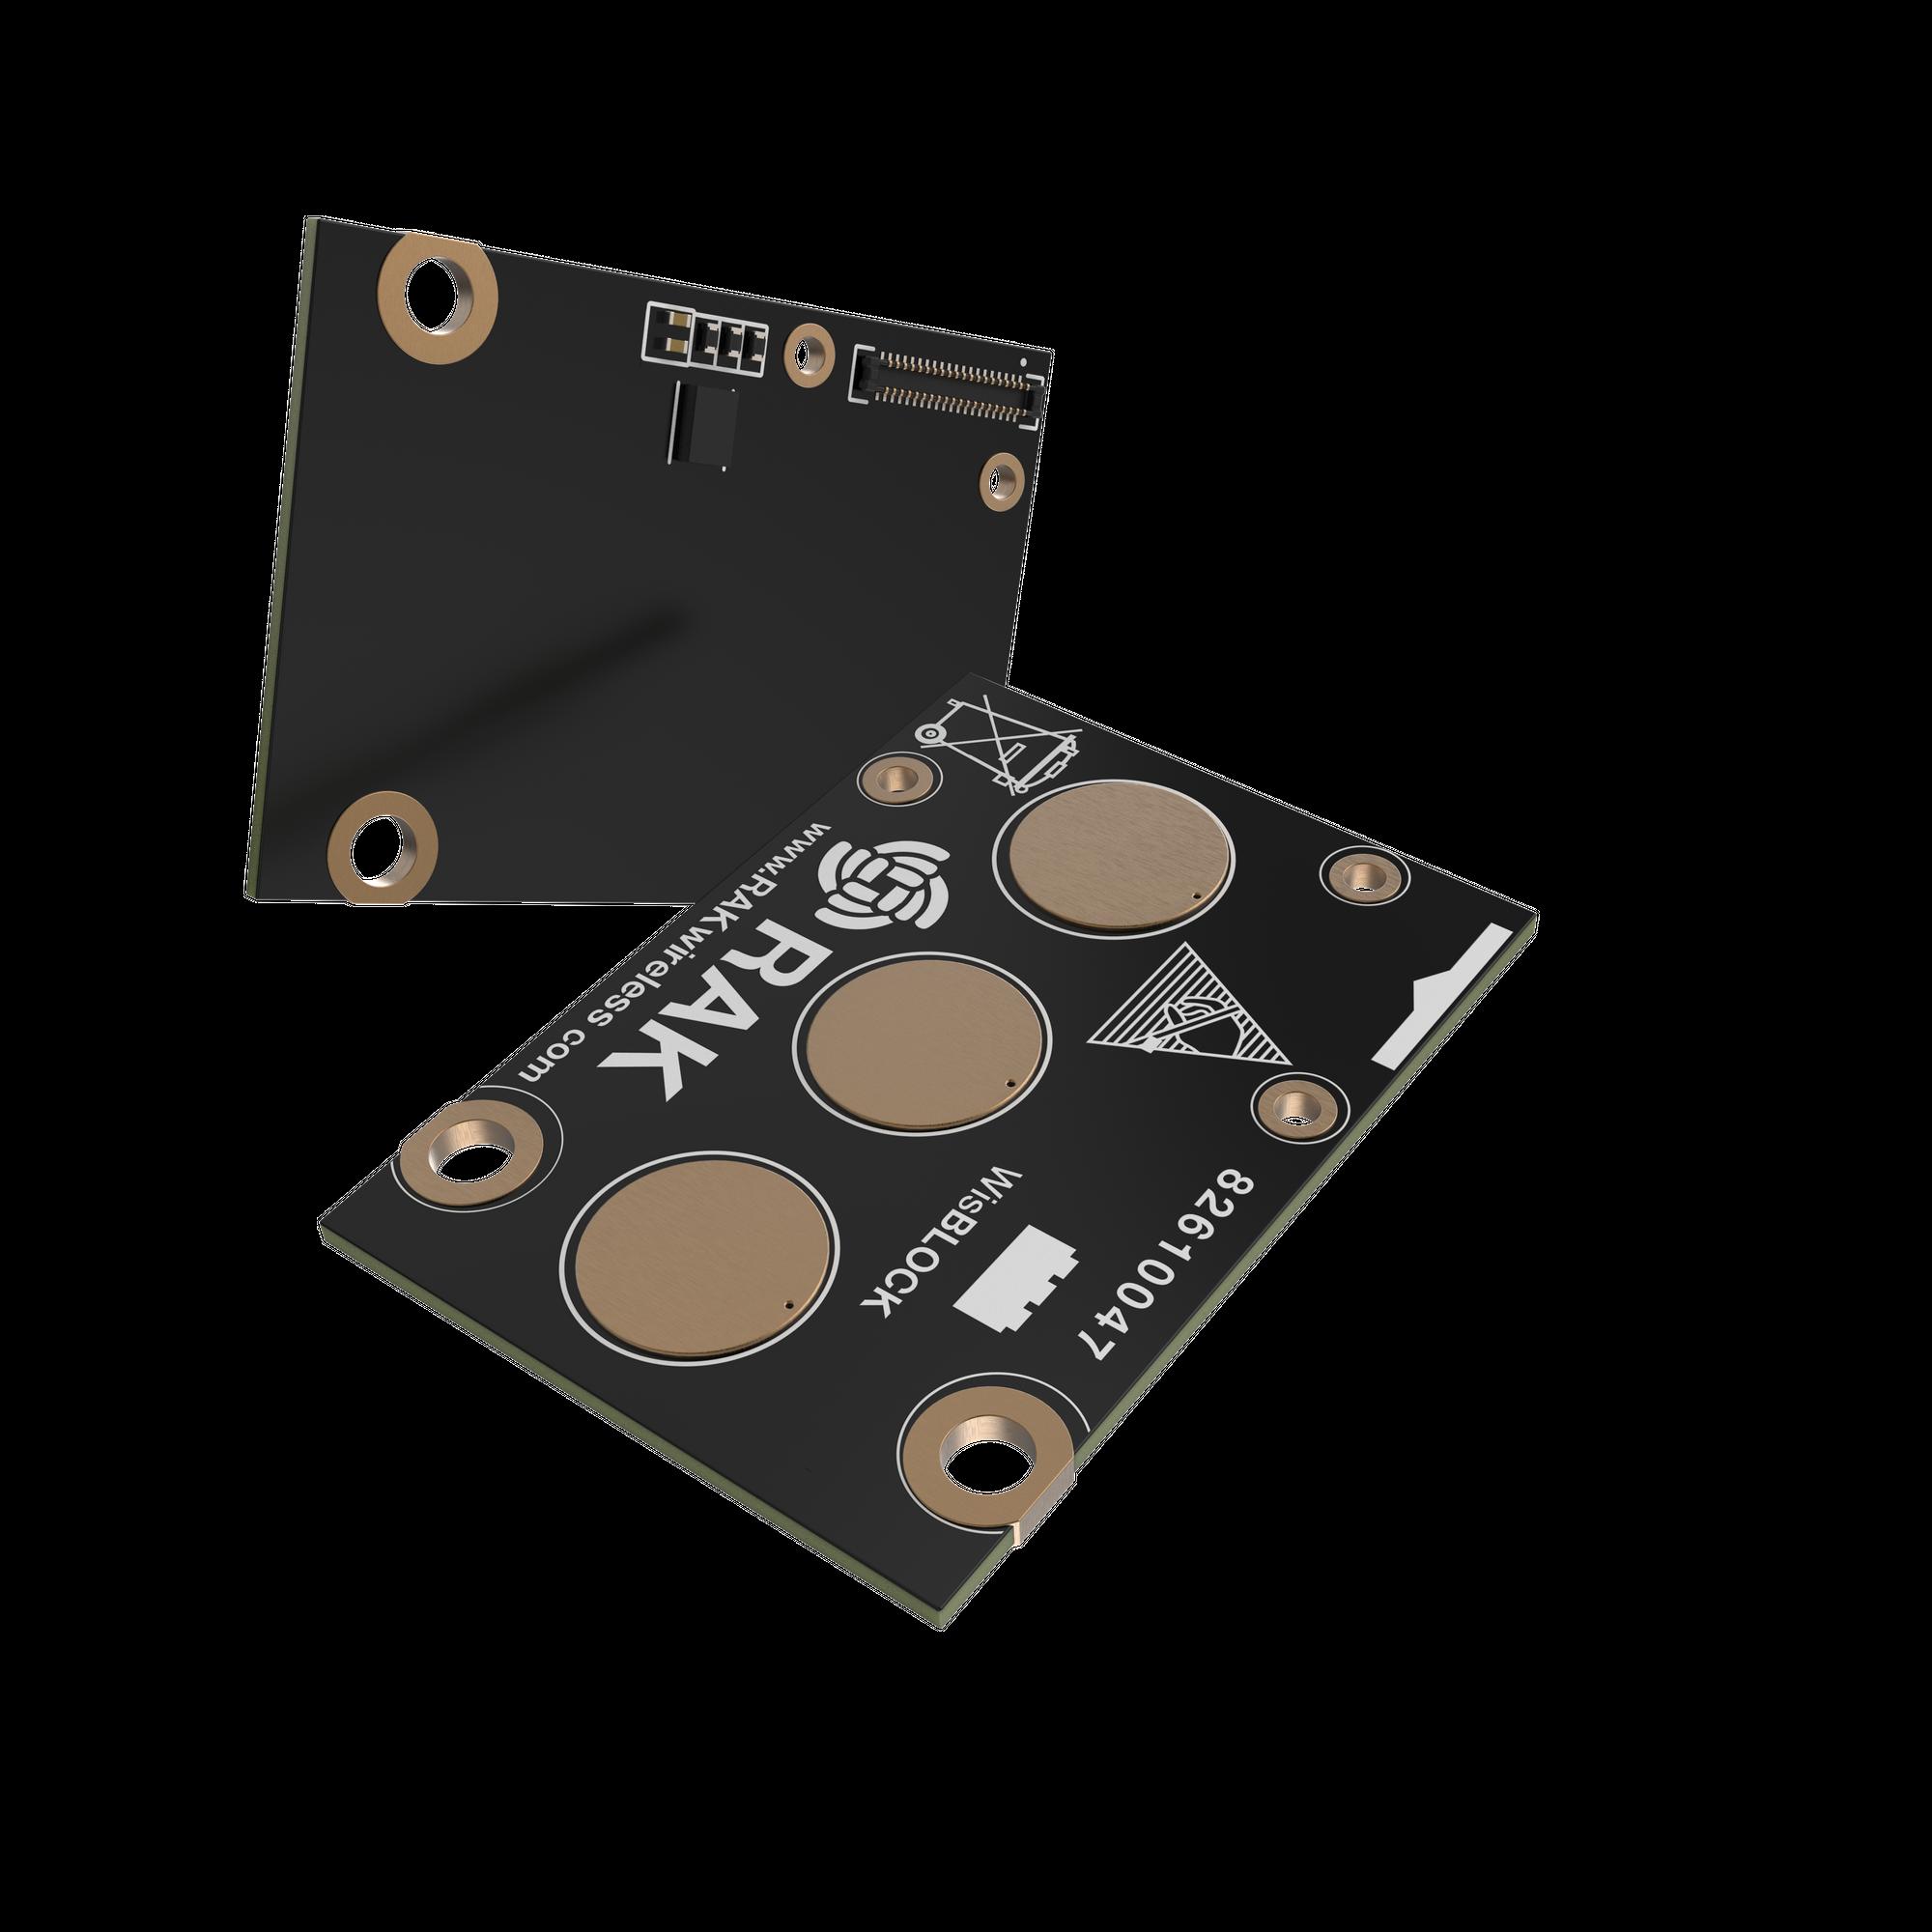 RAK14002 3-channel Touchpad Module